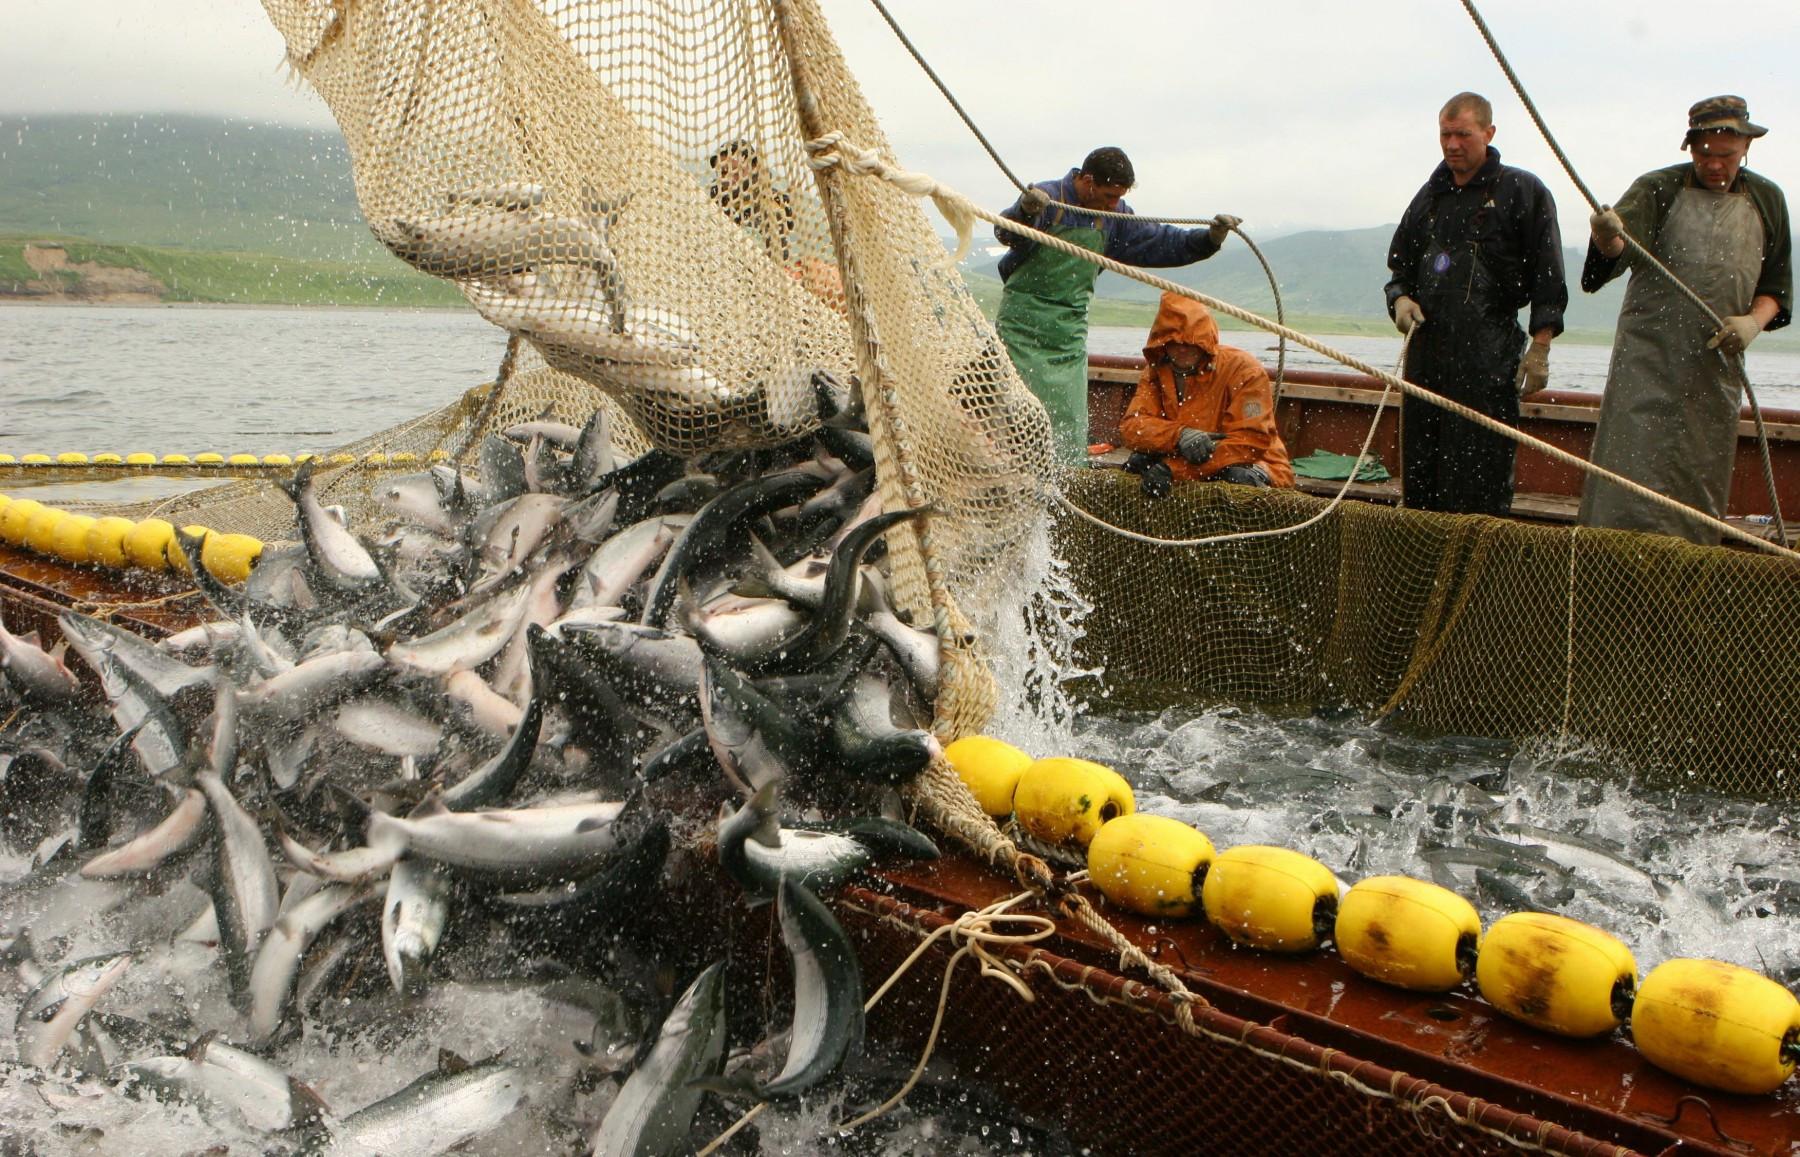 Дрифтерноый вылов рыбы. Фото ТАСС